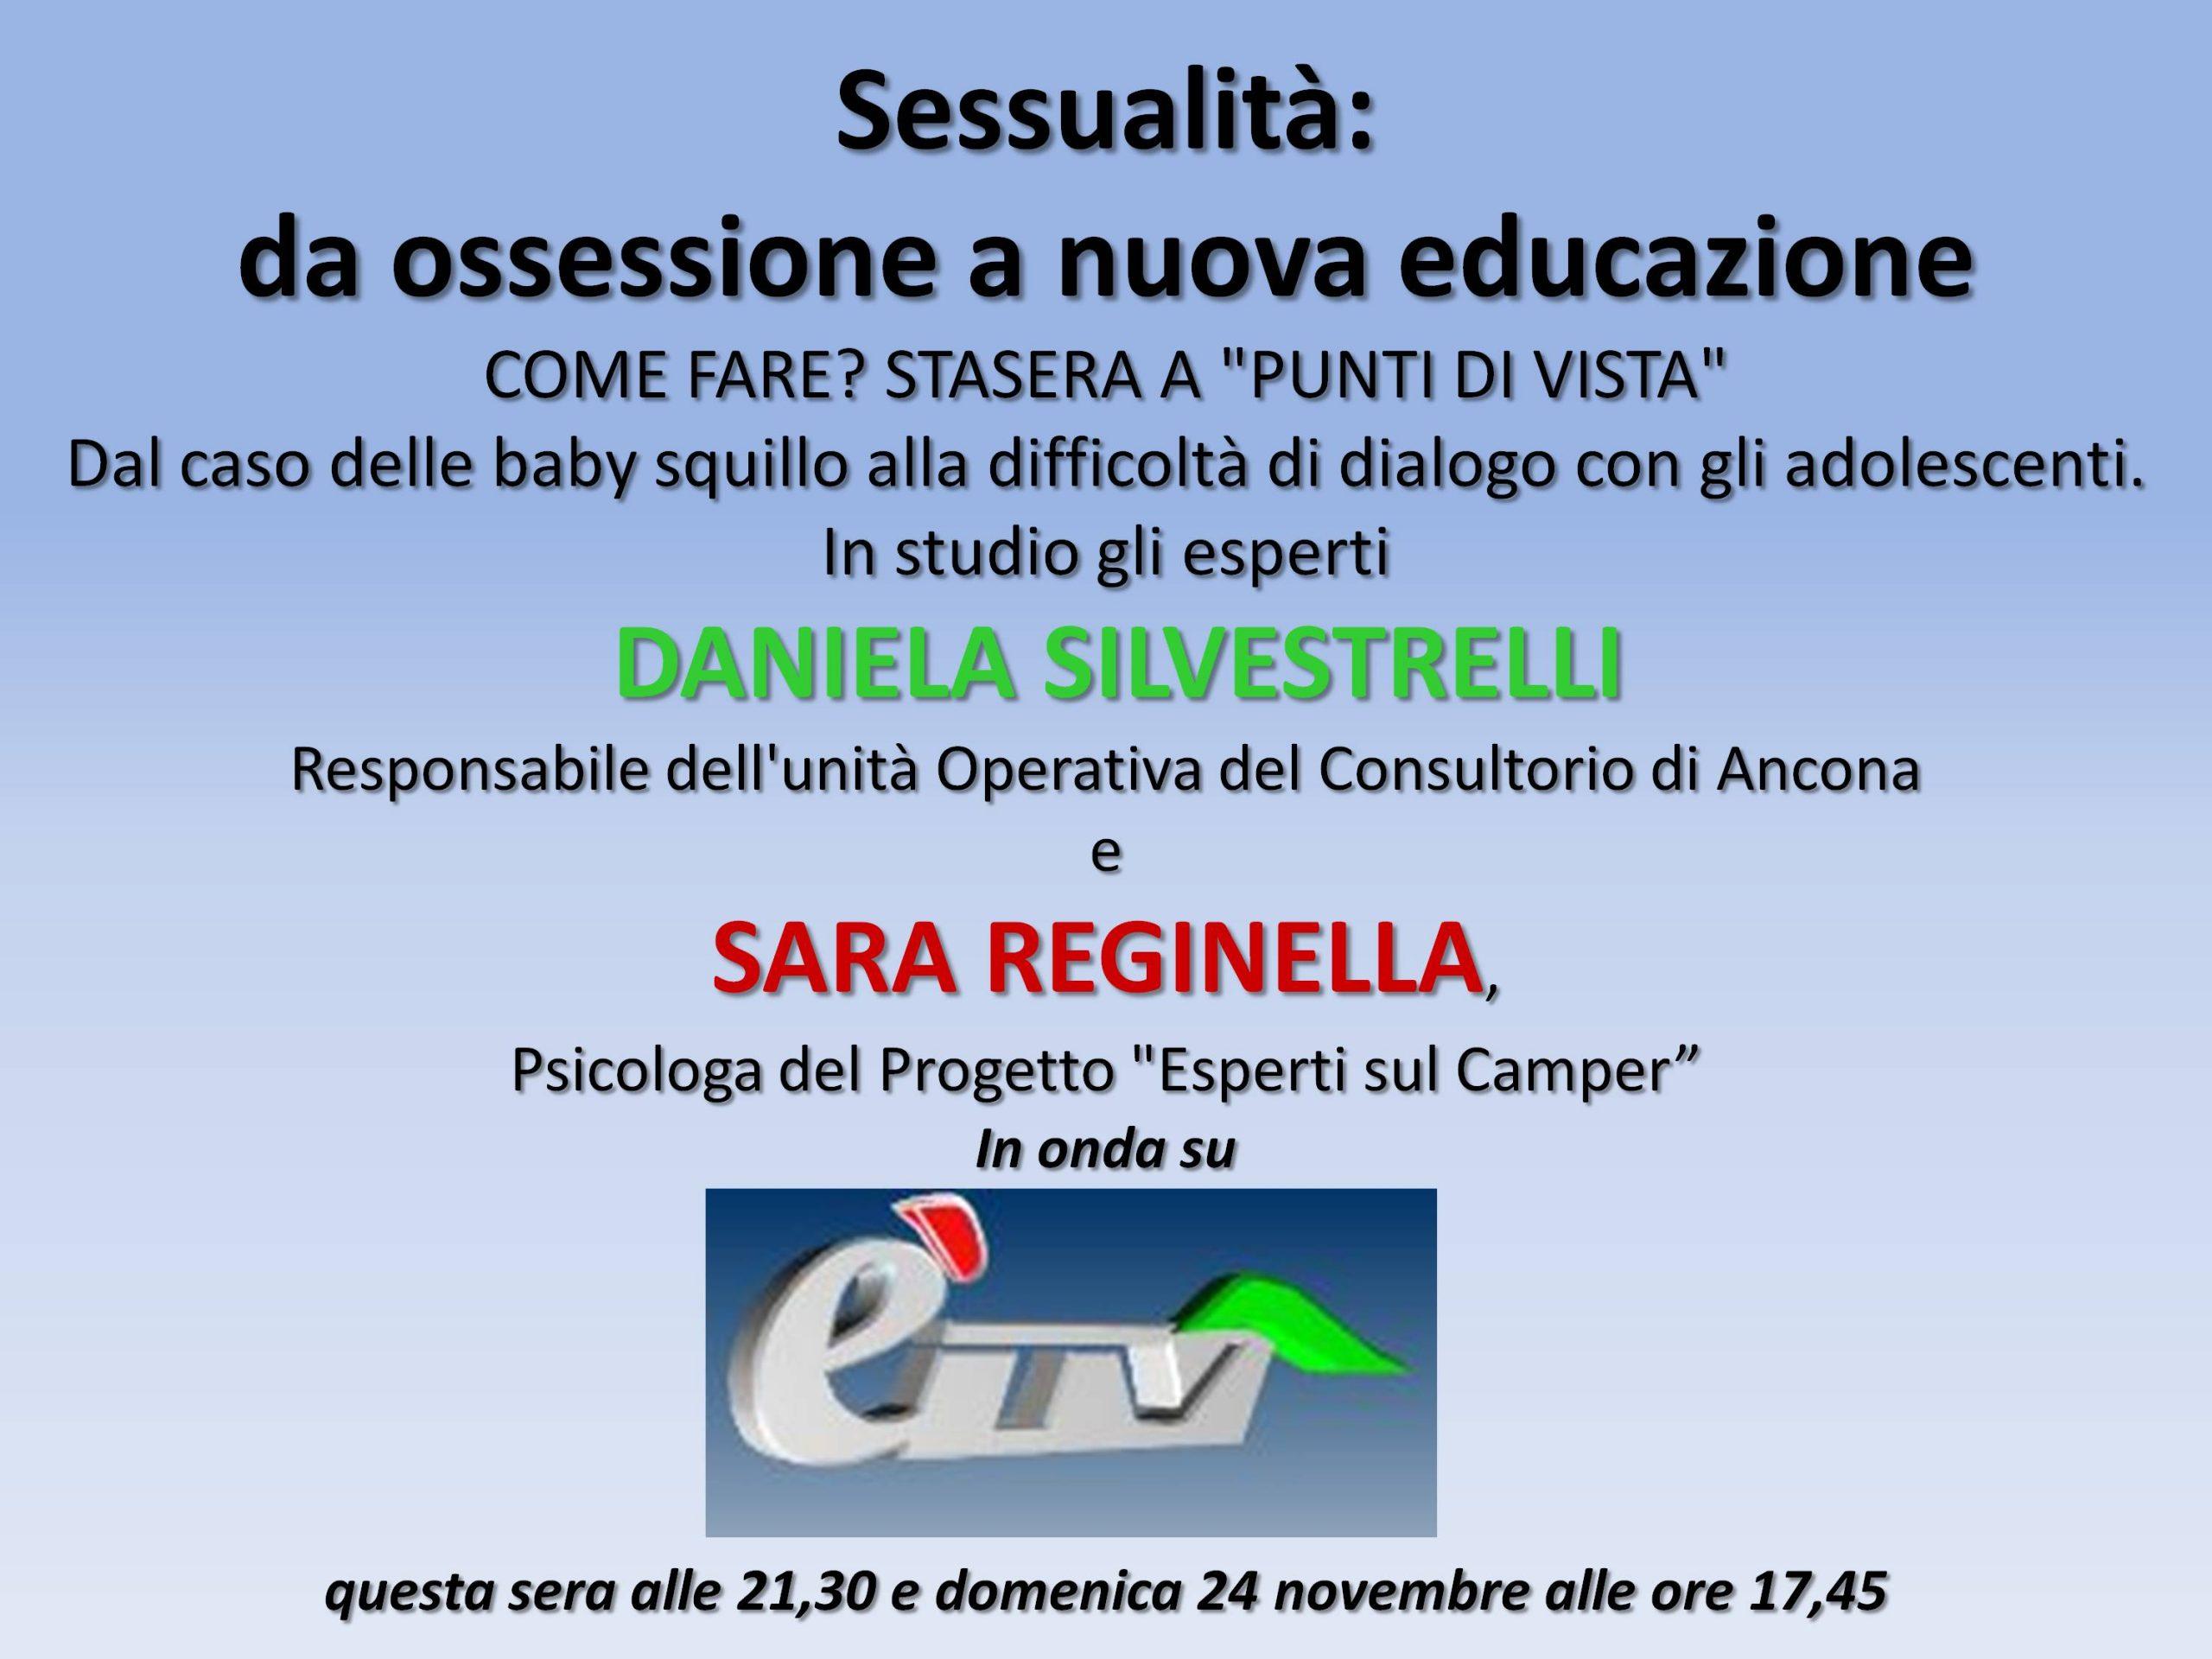 Questa sera su è Tv con Sara Reginella per parlare di sessualità in adolescenza